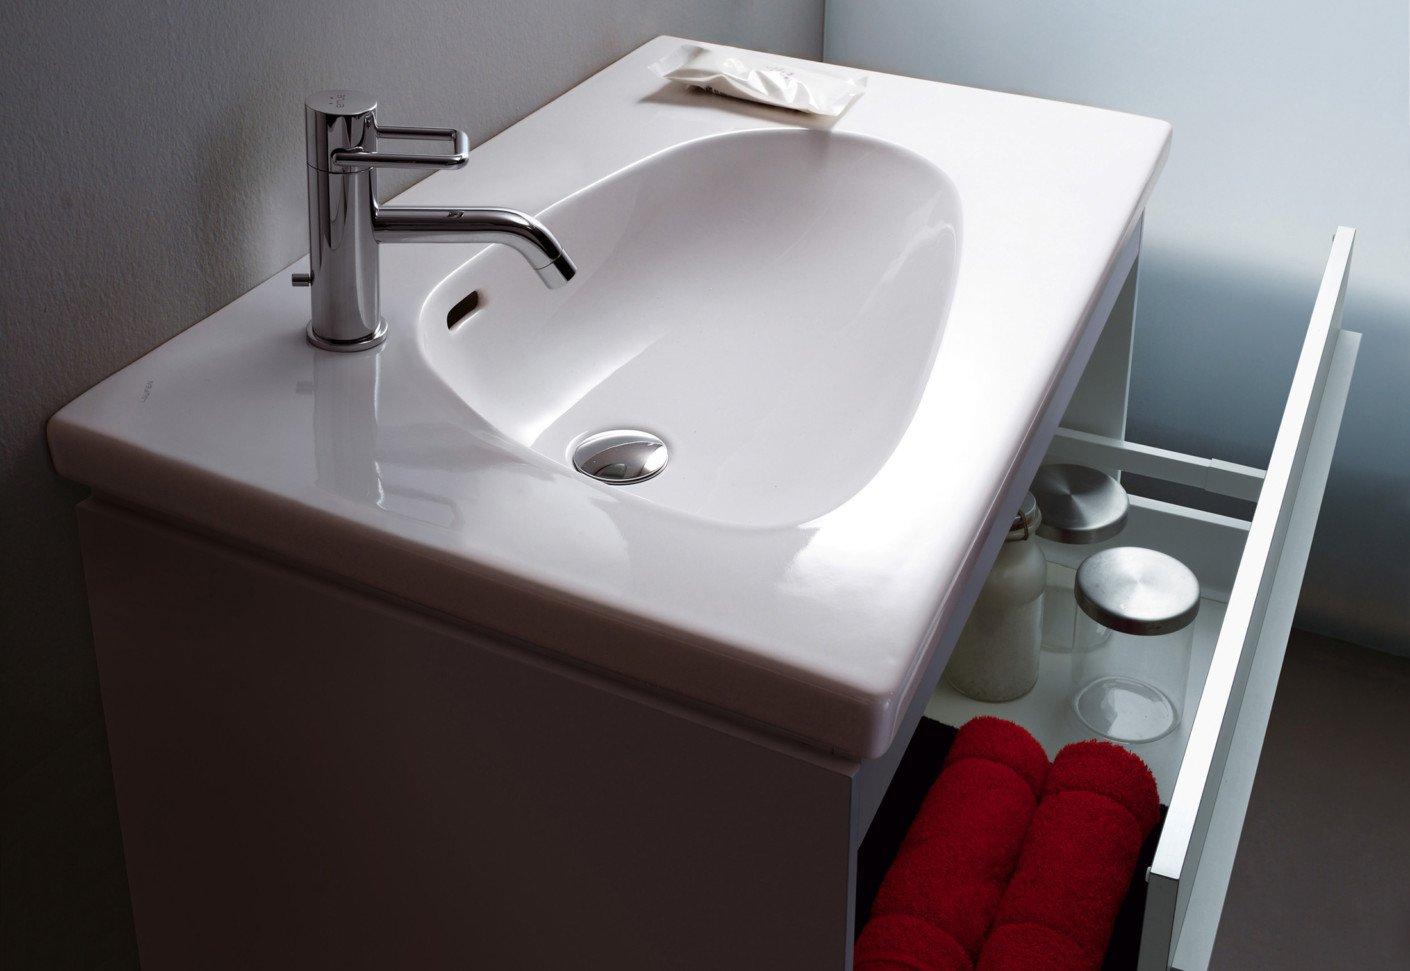 Lavabo avec meubles dans la salle de bain